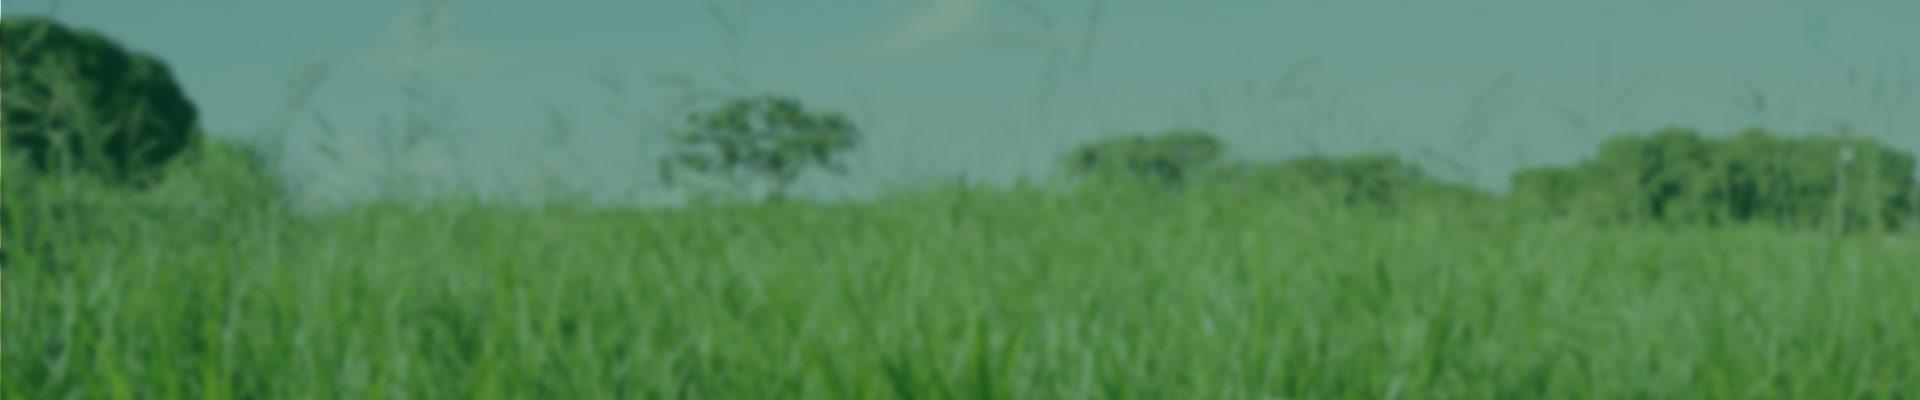 A Ruziziensis é um tipo de Brachiaria forrageira de uso restrito, sendo utilizada principalmente em áreas de integração com lavoura, exclusiva como cobertura de solo e produção de palhada. Tem como características relevantes o rápido estabelecimento a boa qualidade forrageira, o excelente consumo por porte dos animais e a baixa resistência à cigarrinha da pastagem.